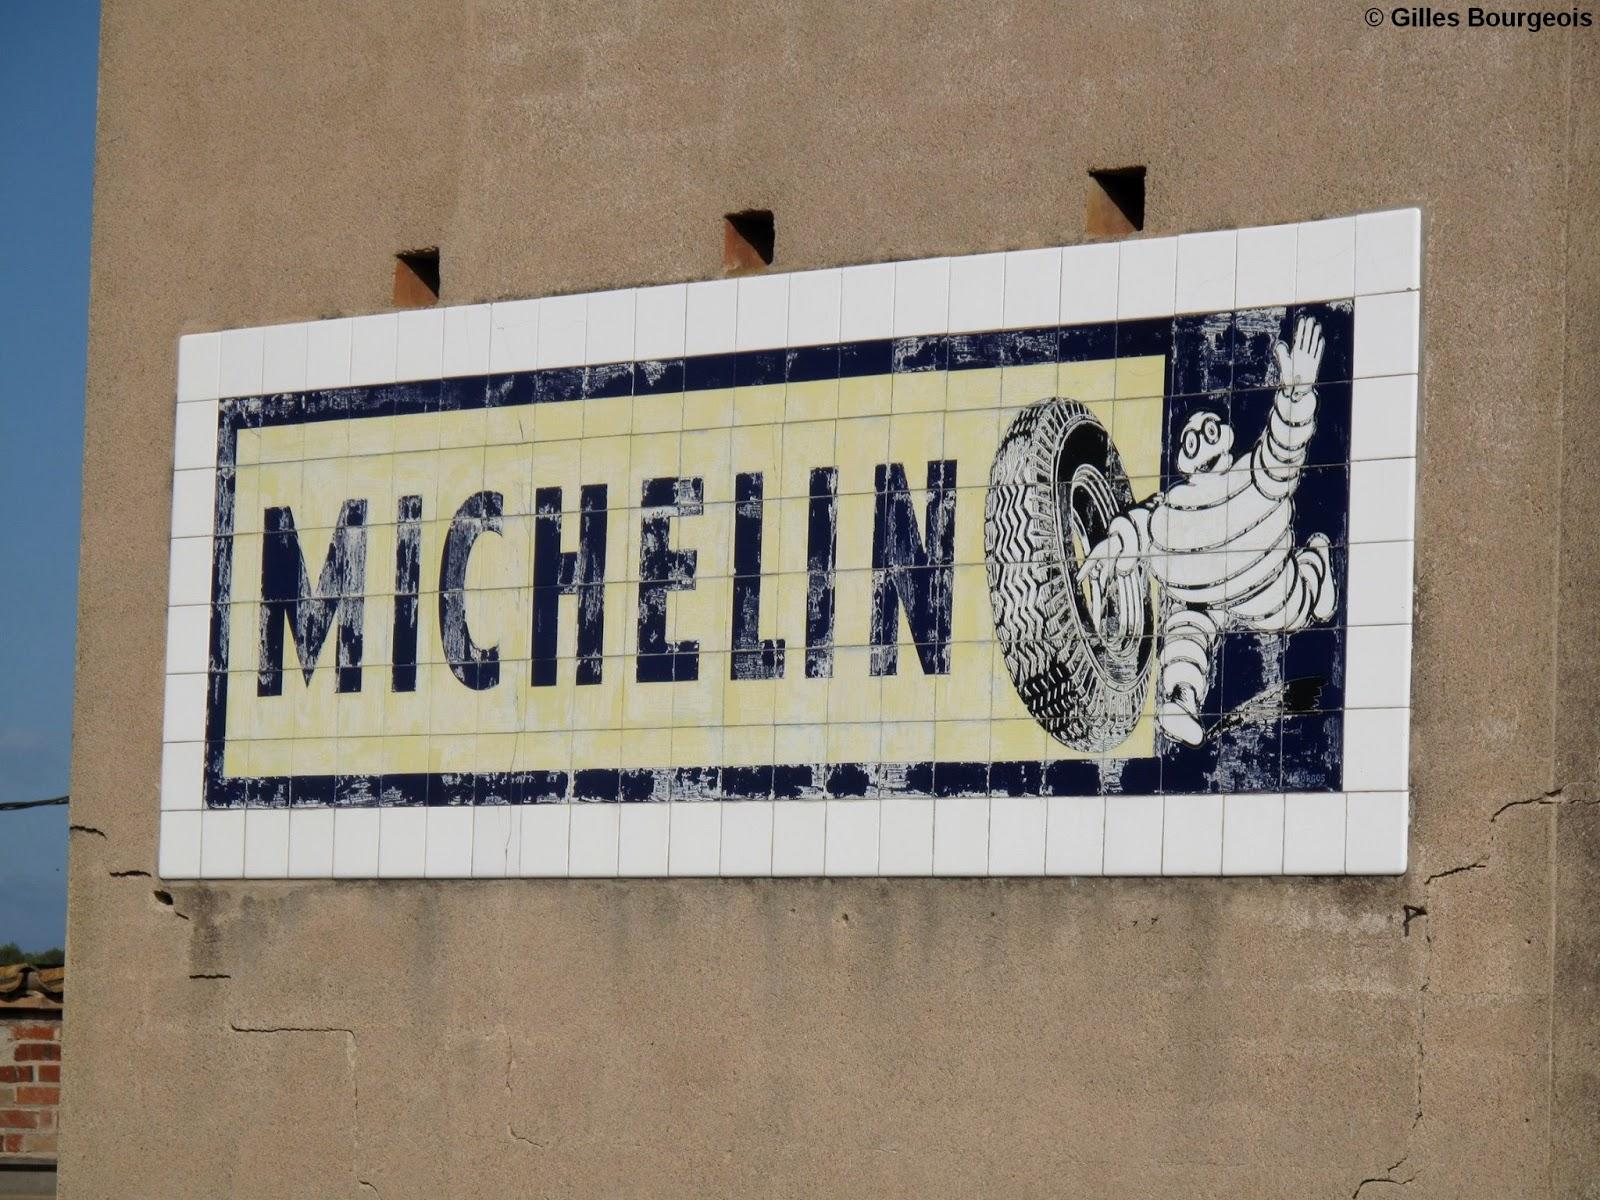 les murs peints parlent  comment on dit michelin en espagnol